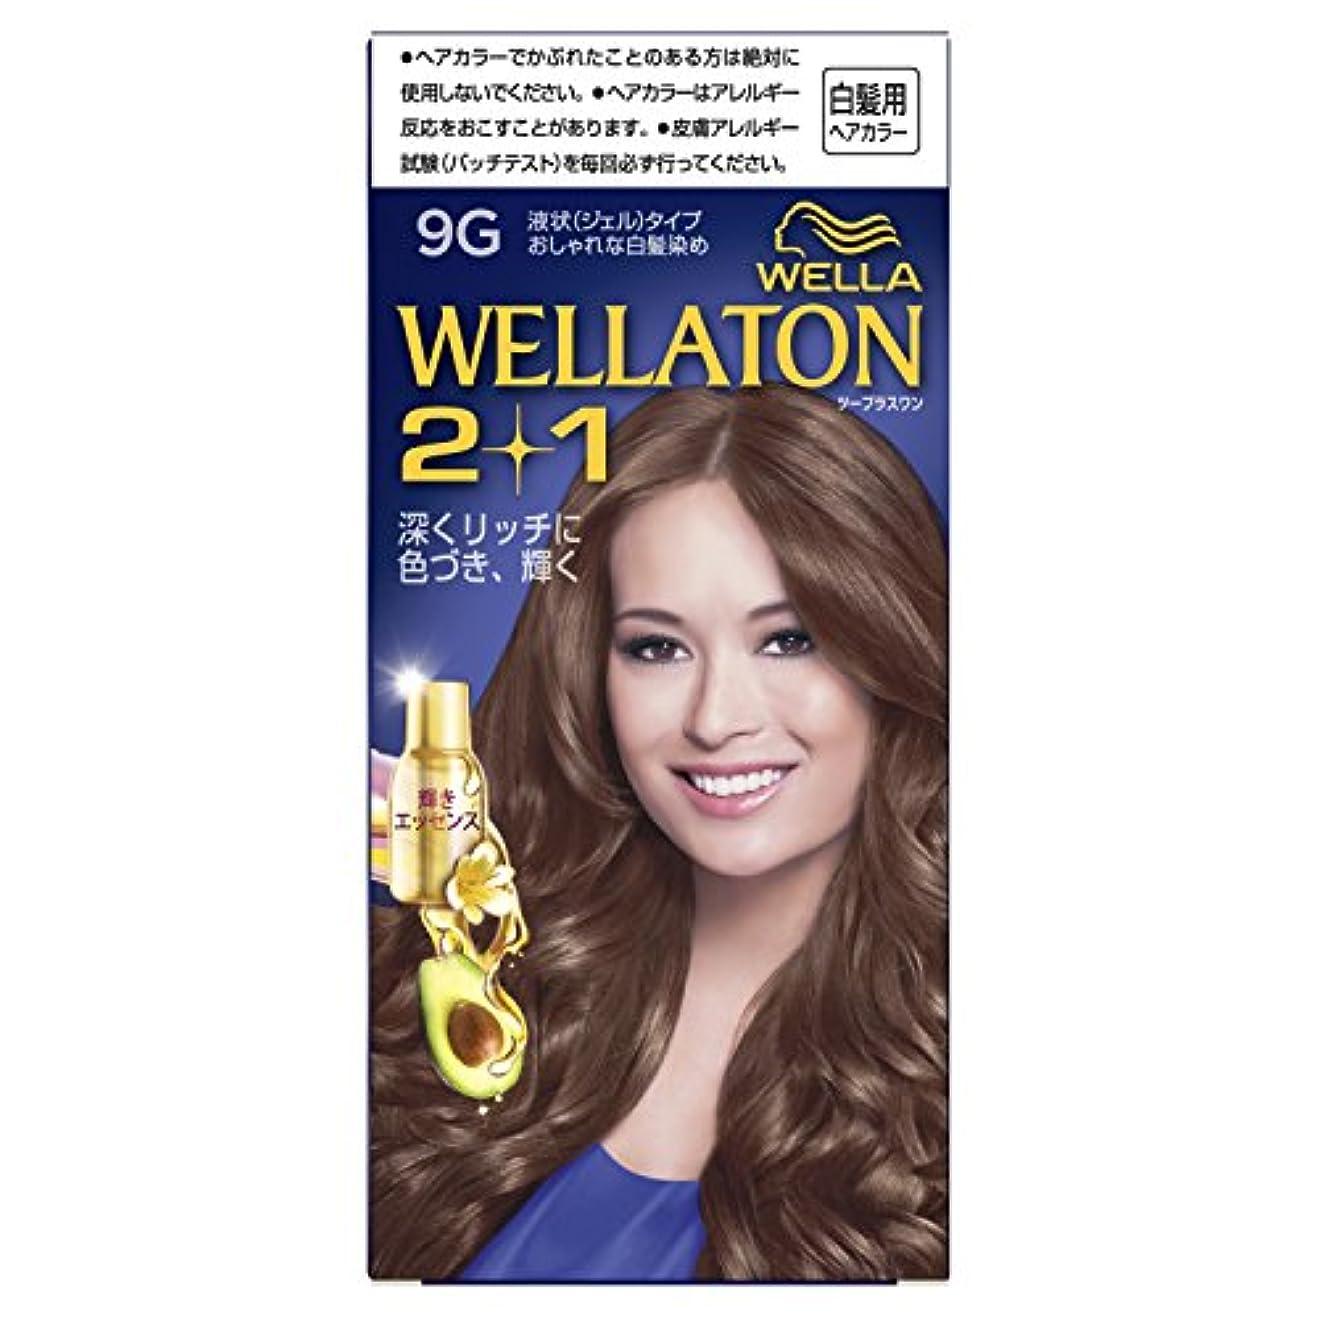 照らす繕う化学ウエラトーン2+1 液状タイプ 9G [医薬部外品](おしゃれな白髪染め)